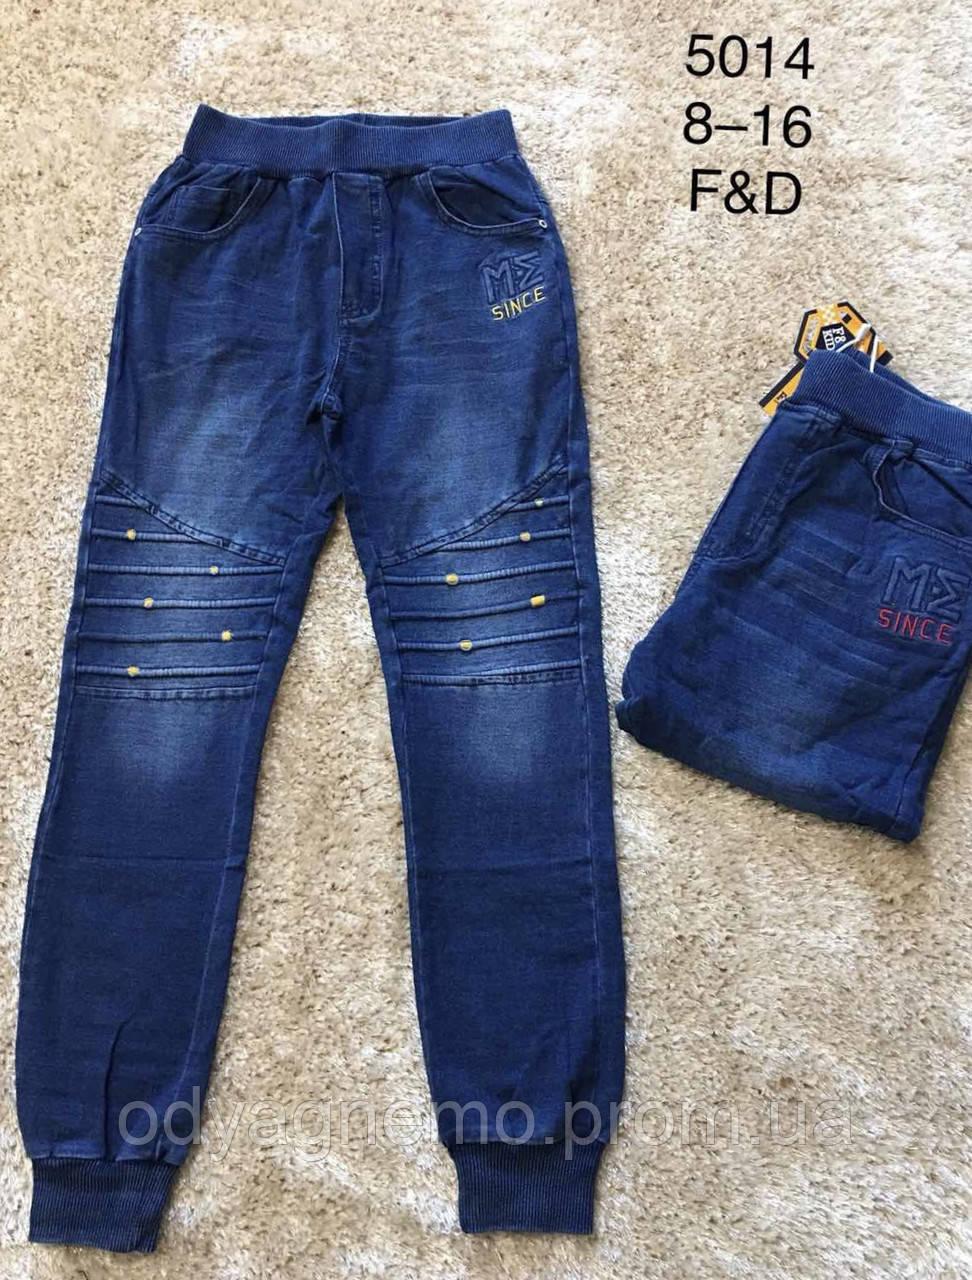 Брюки с имитацией джинсы для мальчиков F&D оптом, 8-16 лет. Артикул: 5014